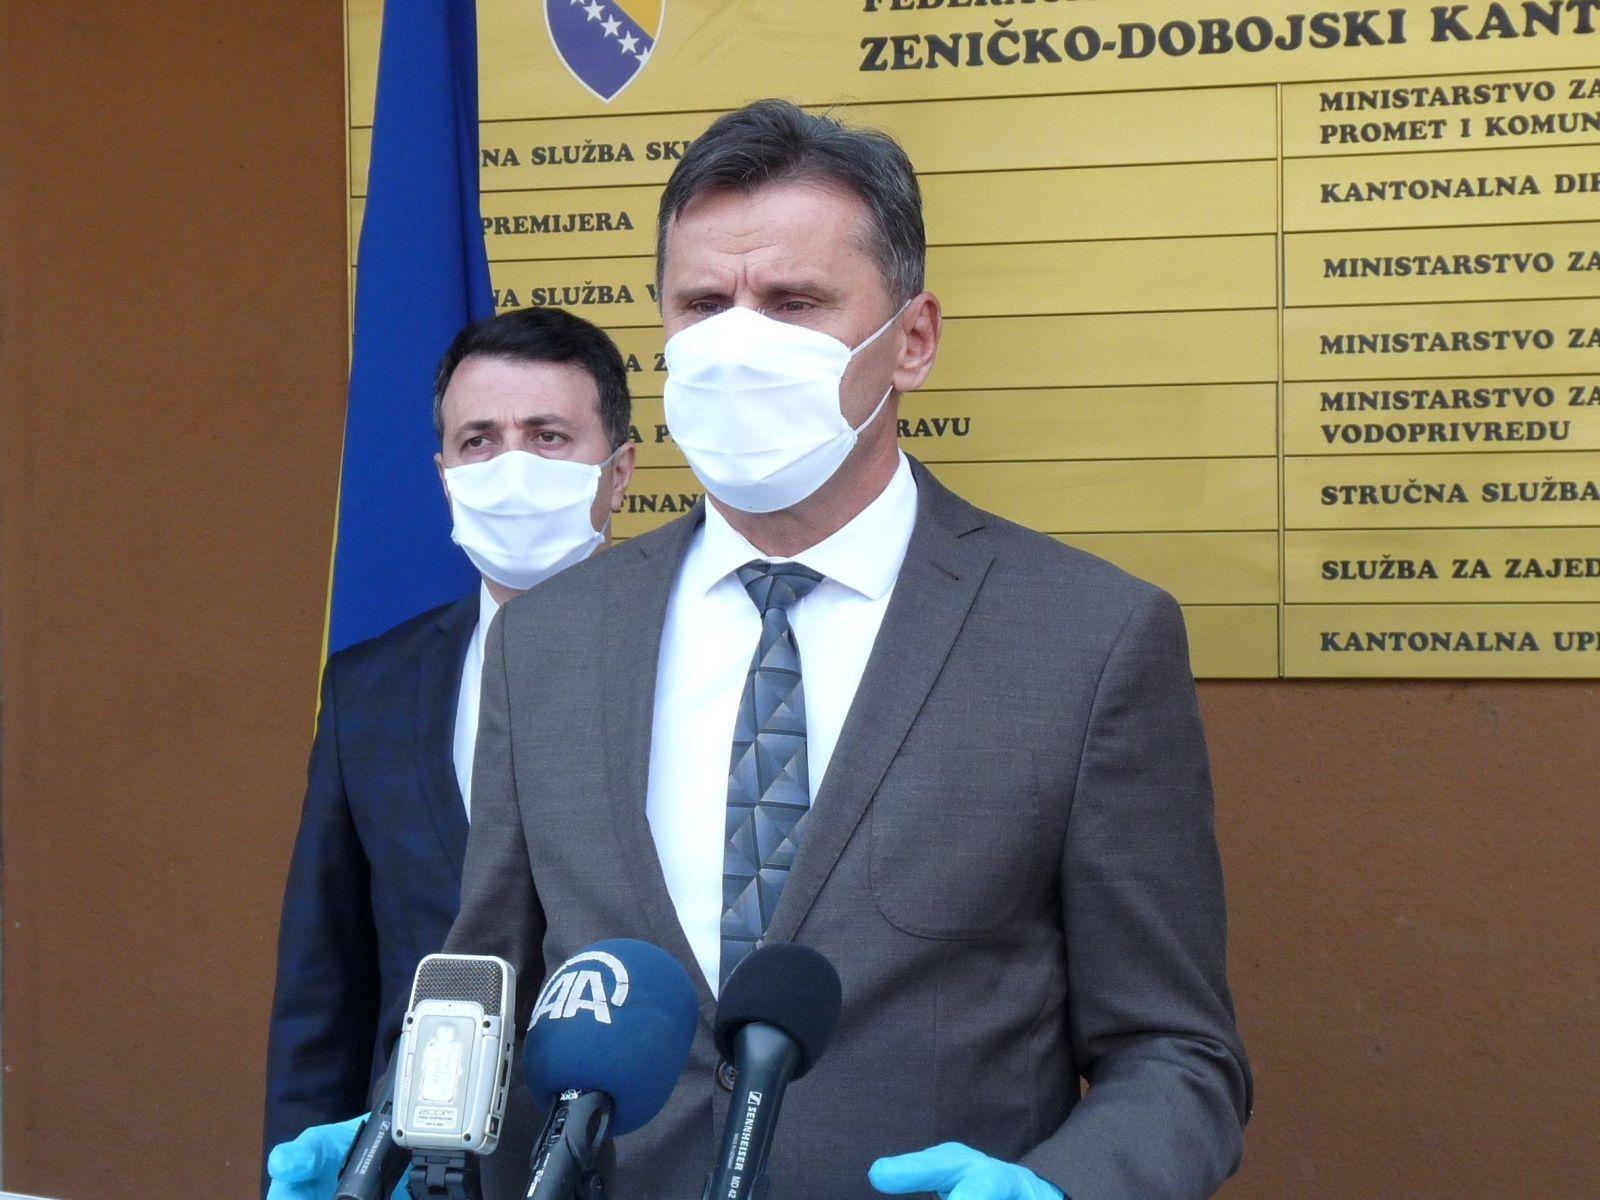 Premijer Novalić: Nema povećanja penzija tokom pandemije, ali će vrijediti retroaktivno